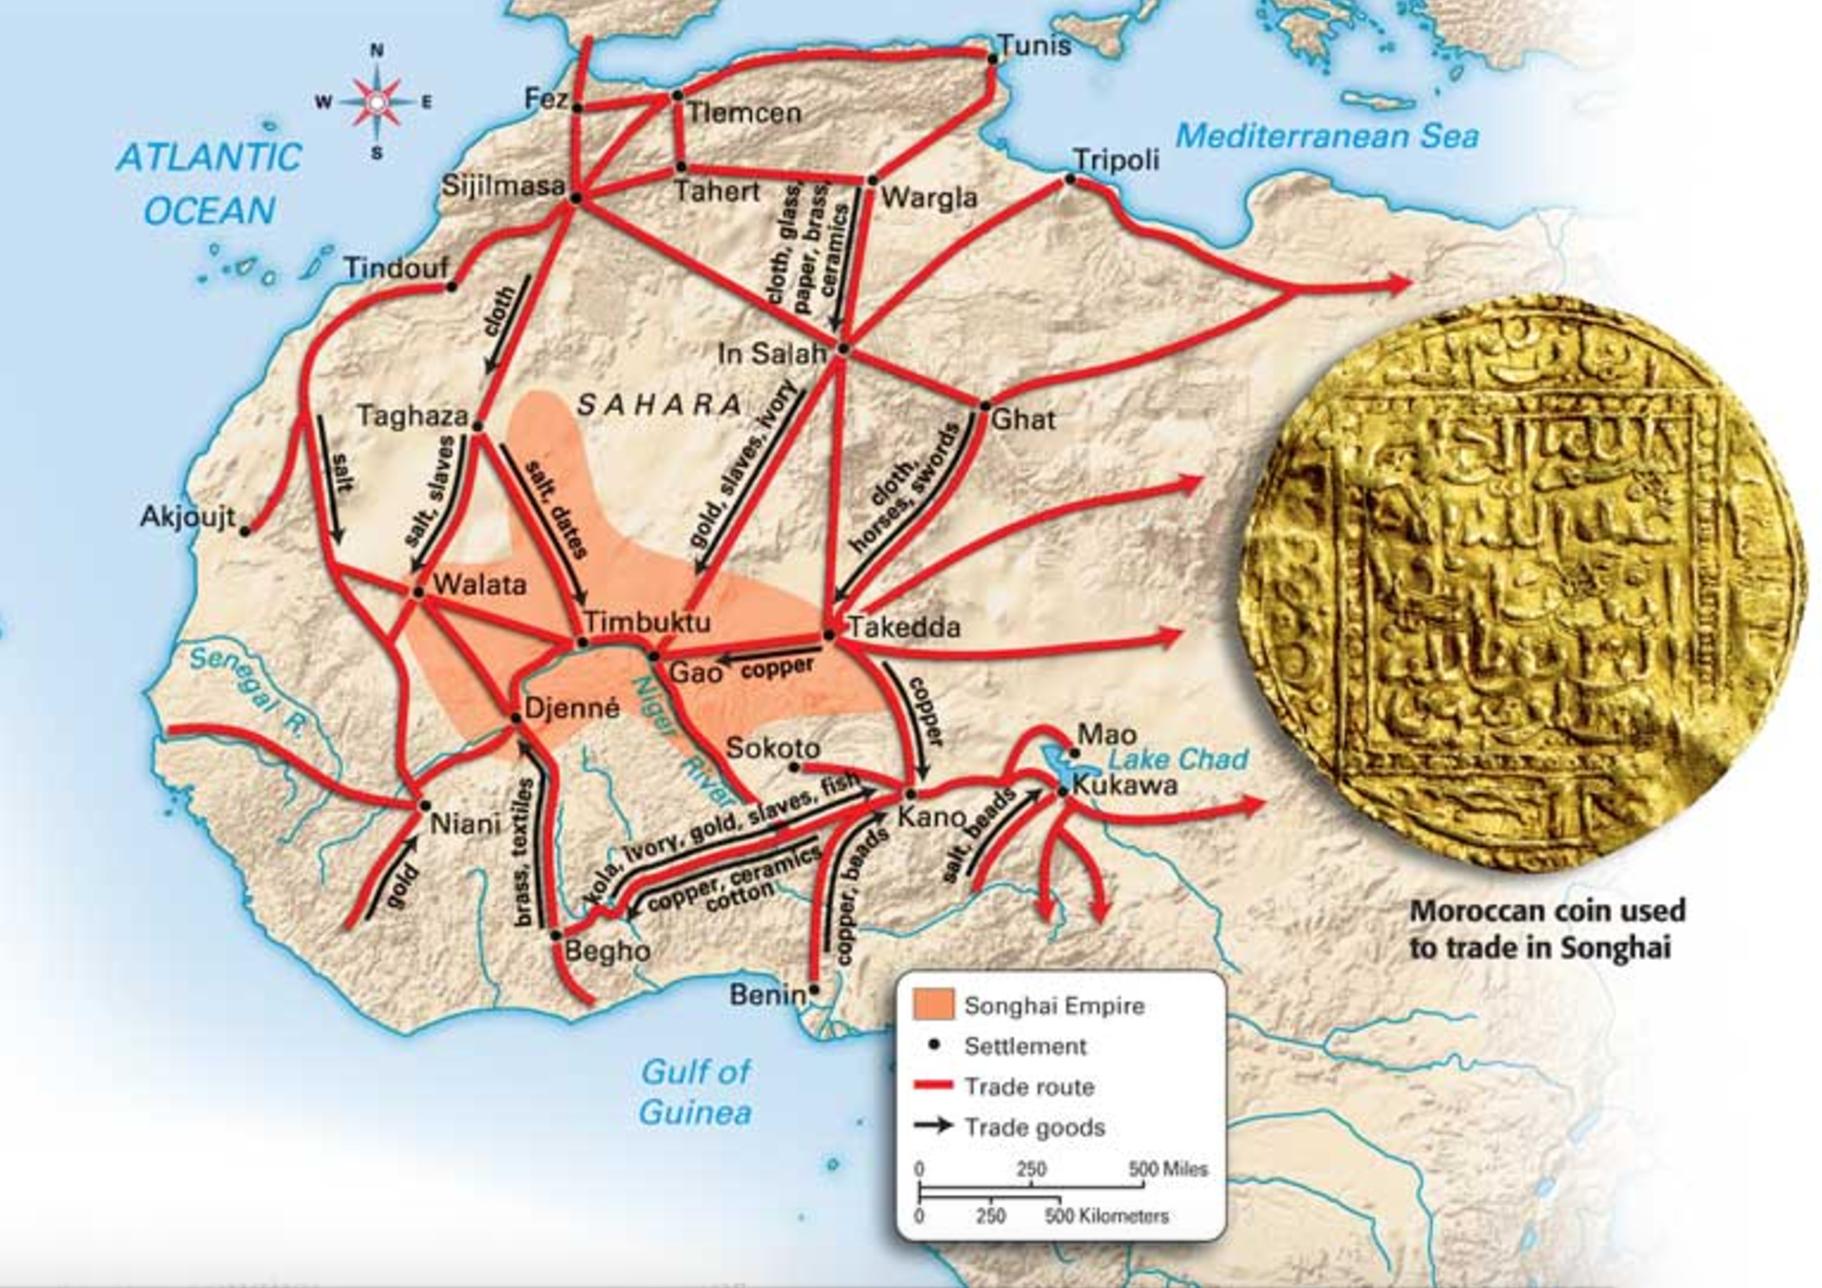 Songhai Empire Trade Routes